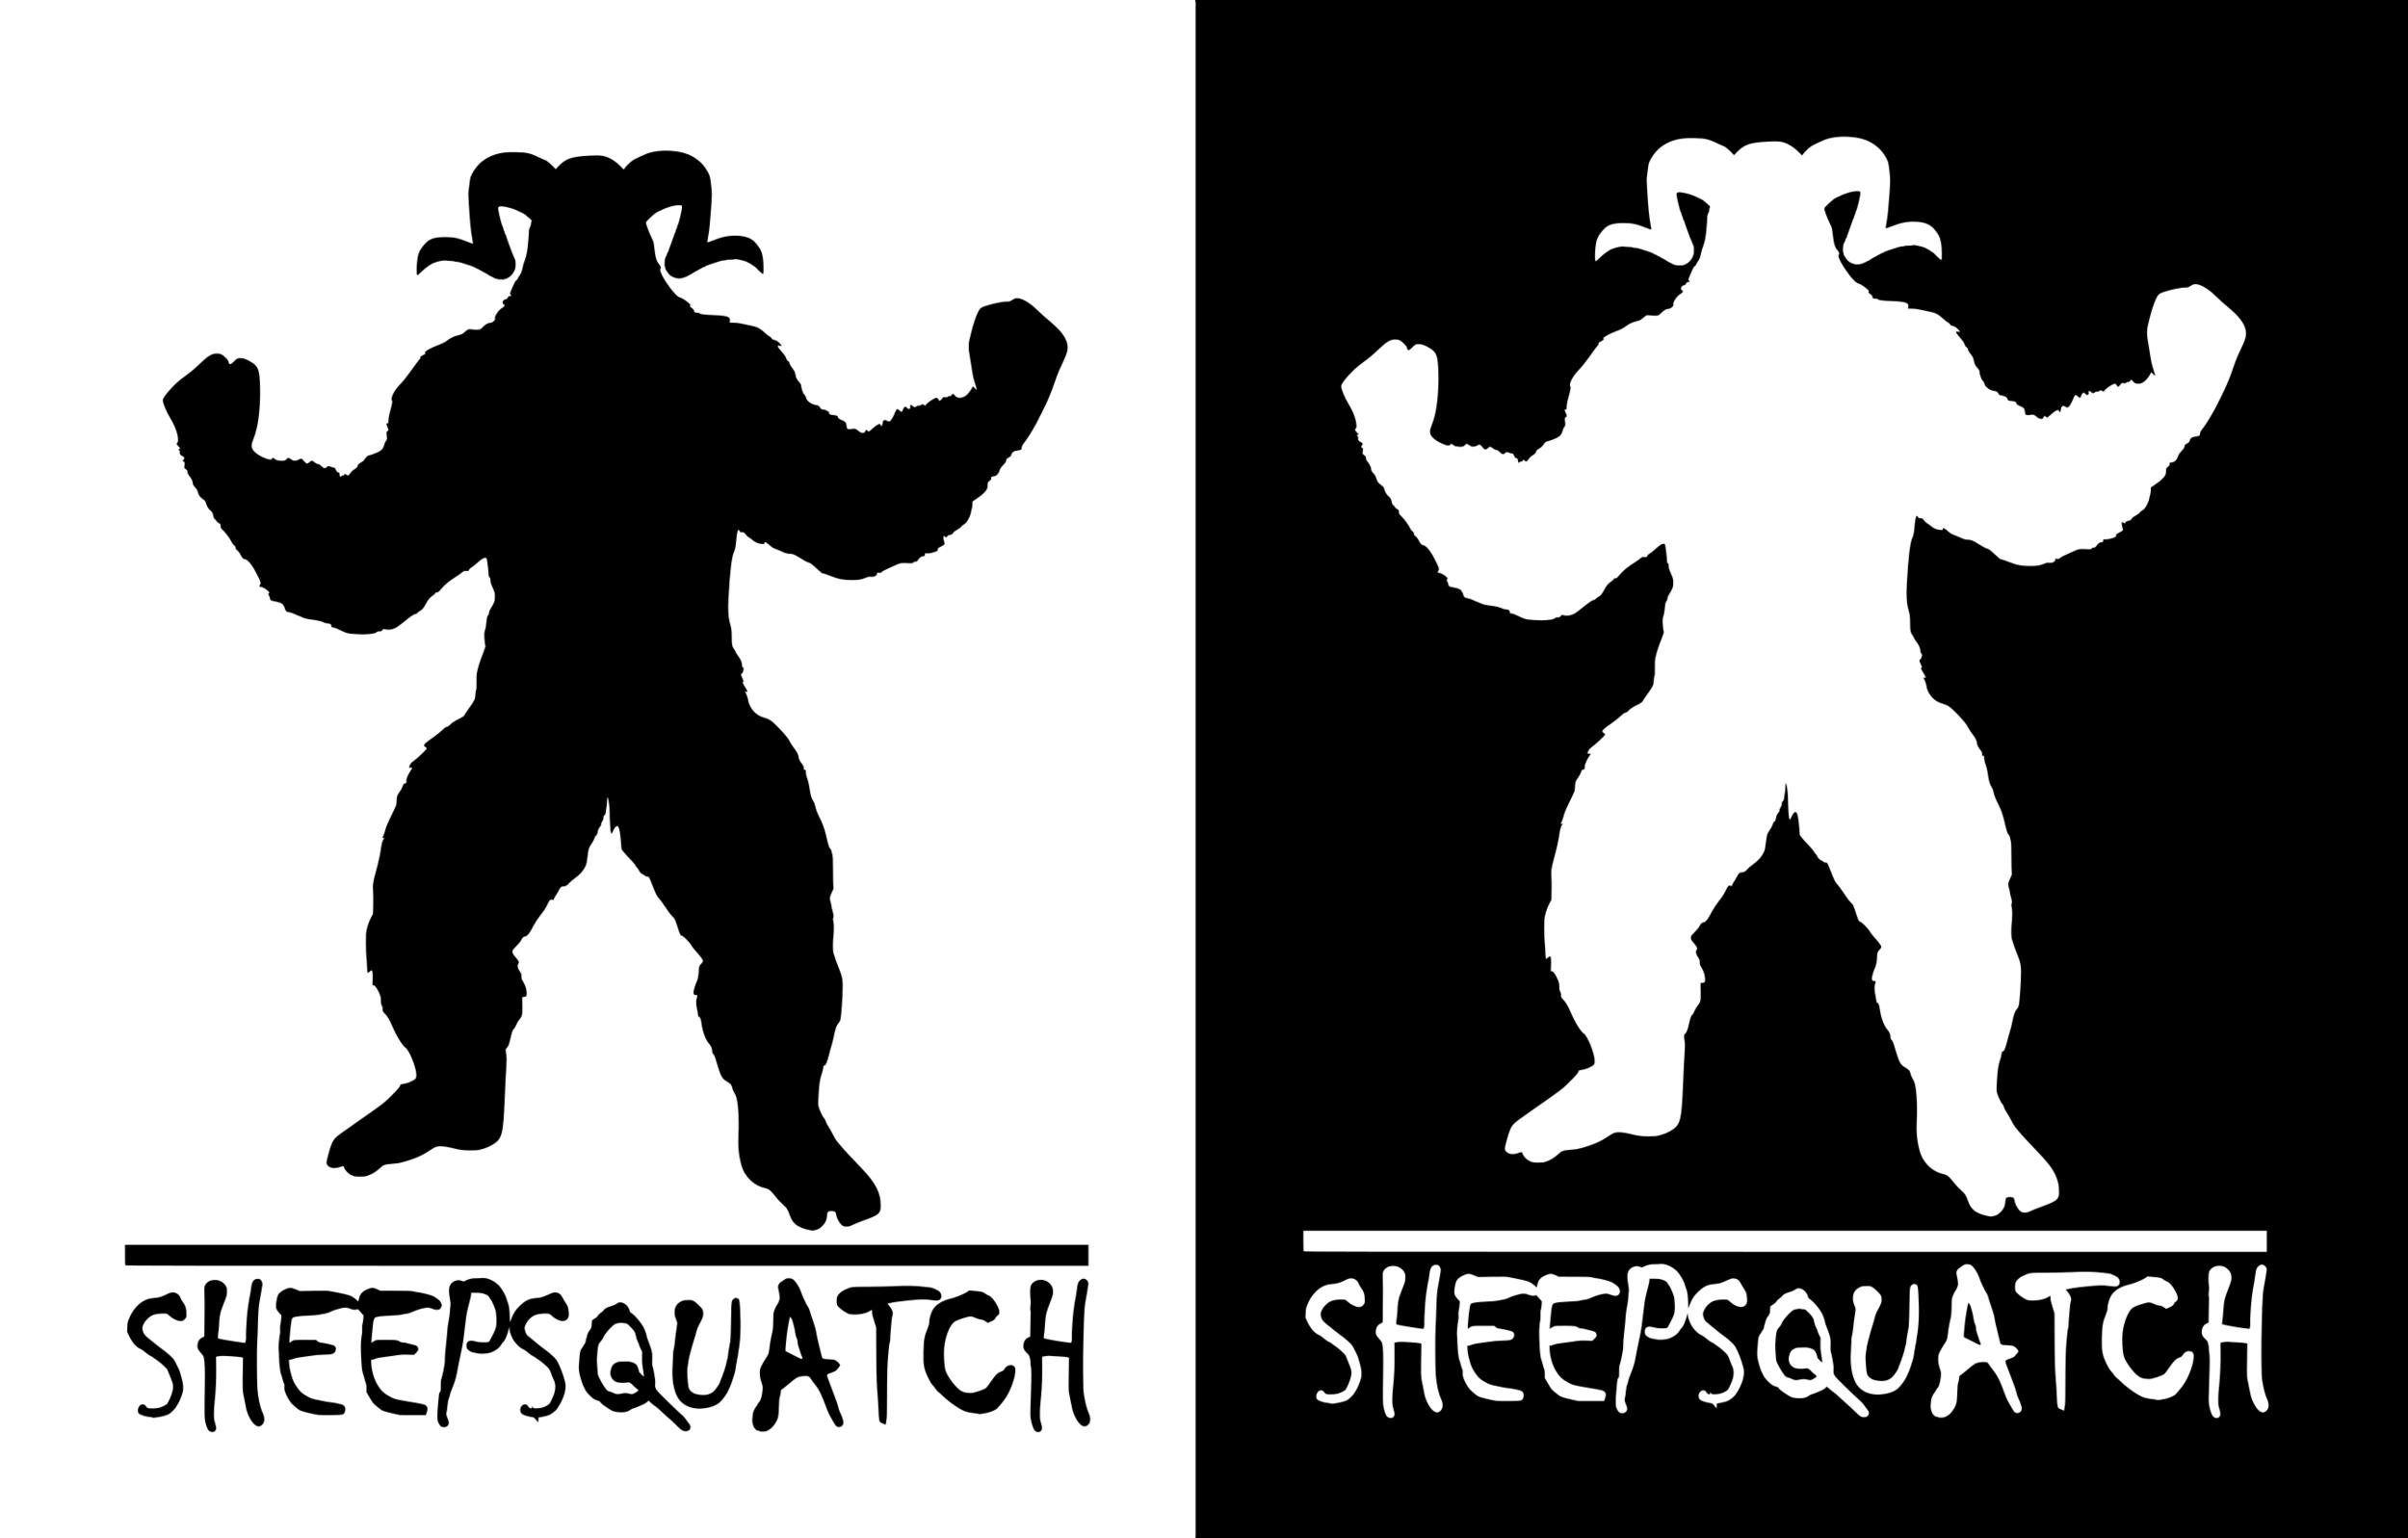 Sheepsquatch - Measures 3.5x4.5